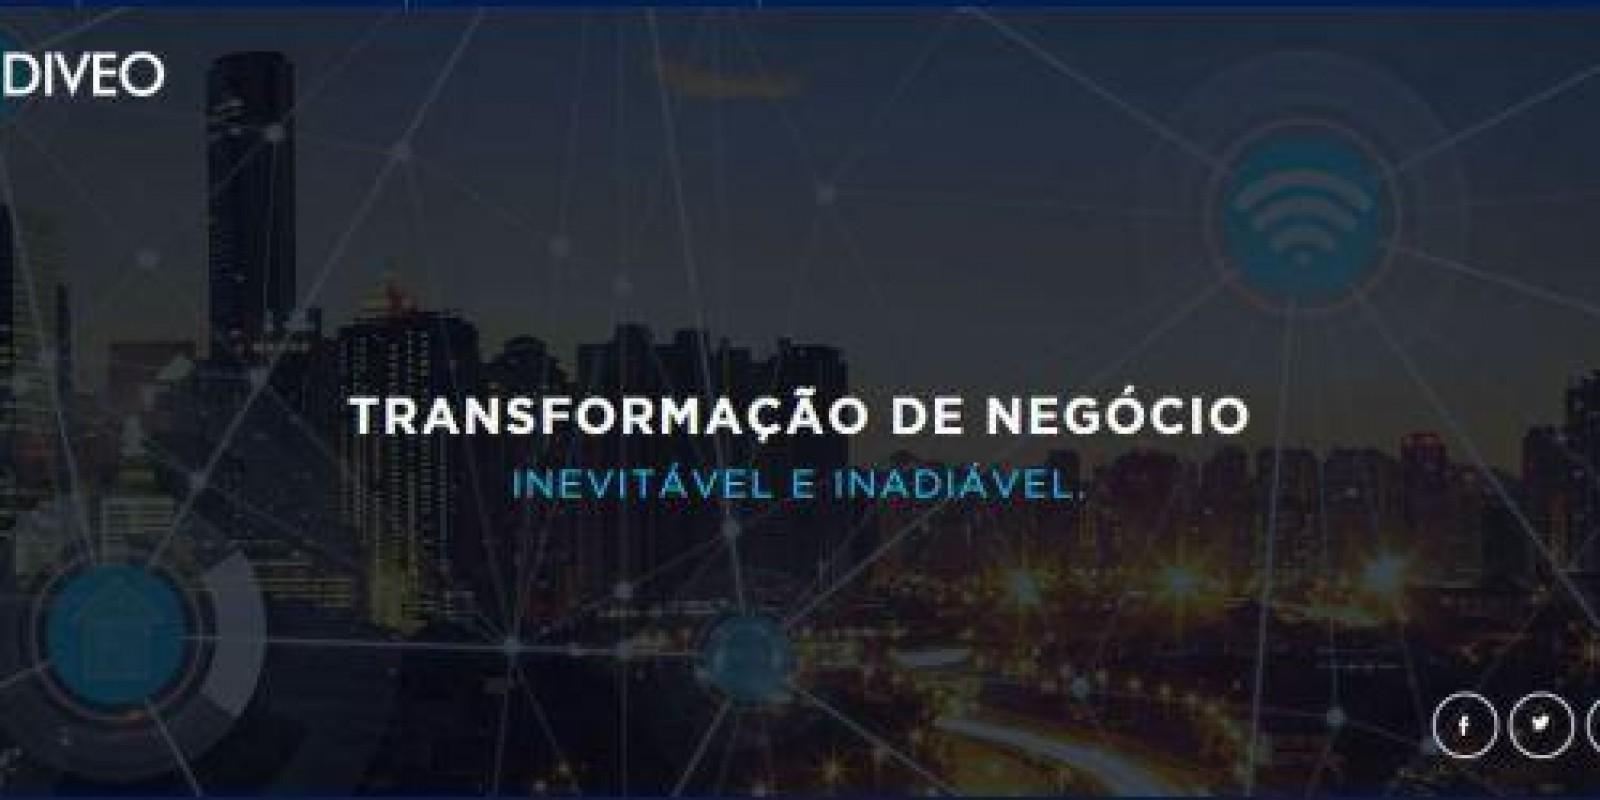 UOL DIVEO e Microsoft lançam site para orientar varejistas na transformação digital